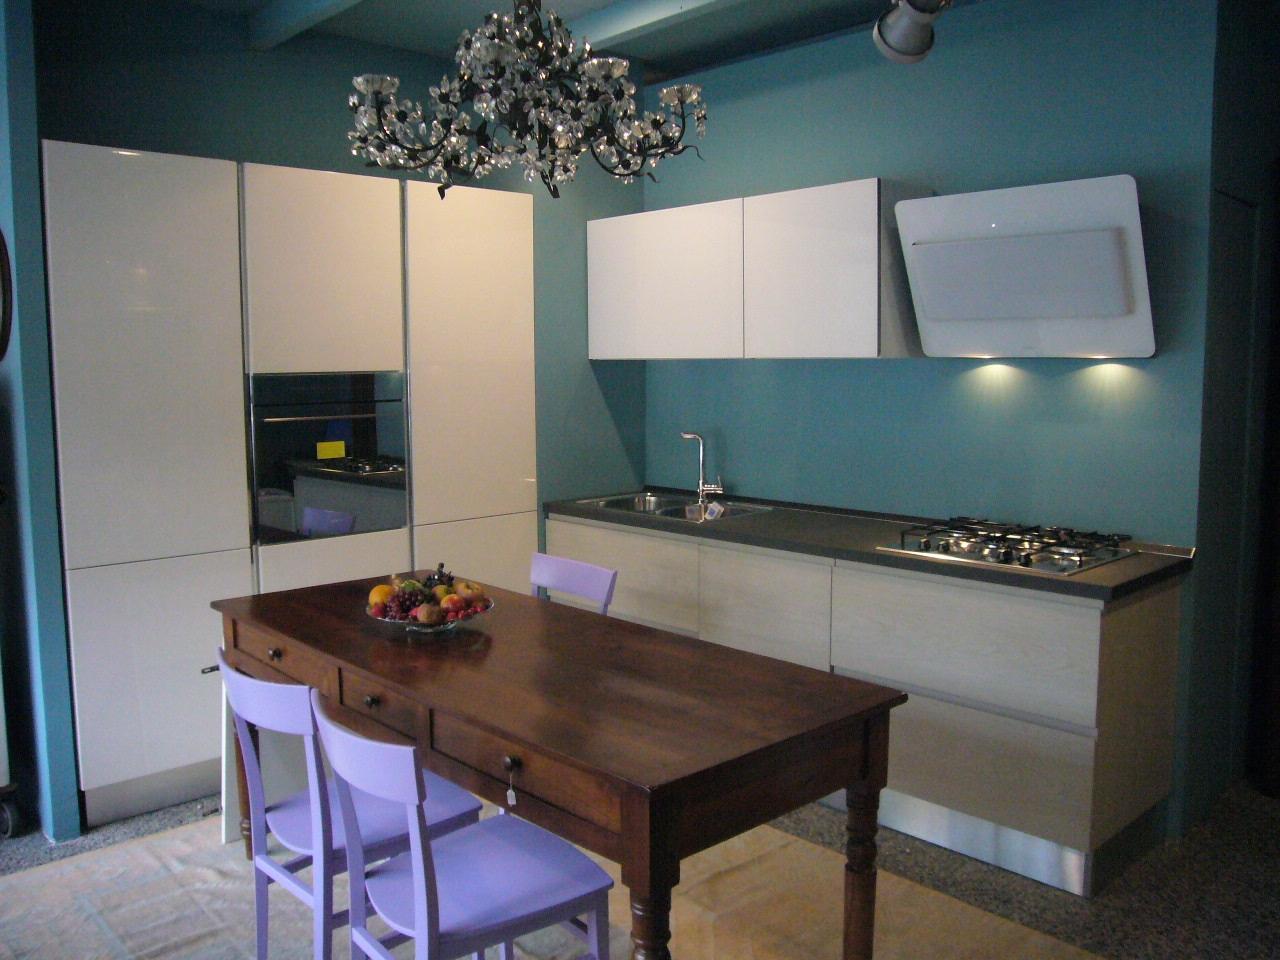 Cucina arredo3 in offerta cucine a prezzi scontati for Cucina arreda